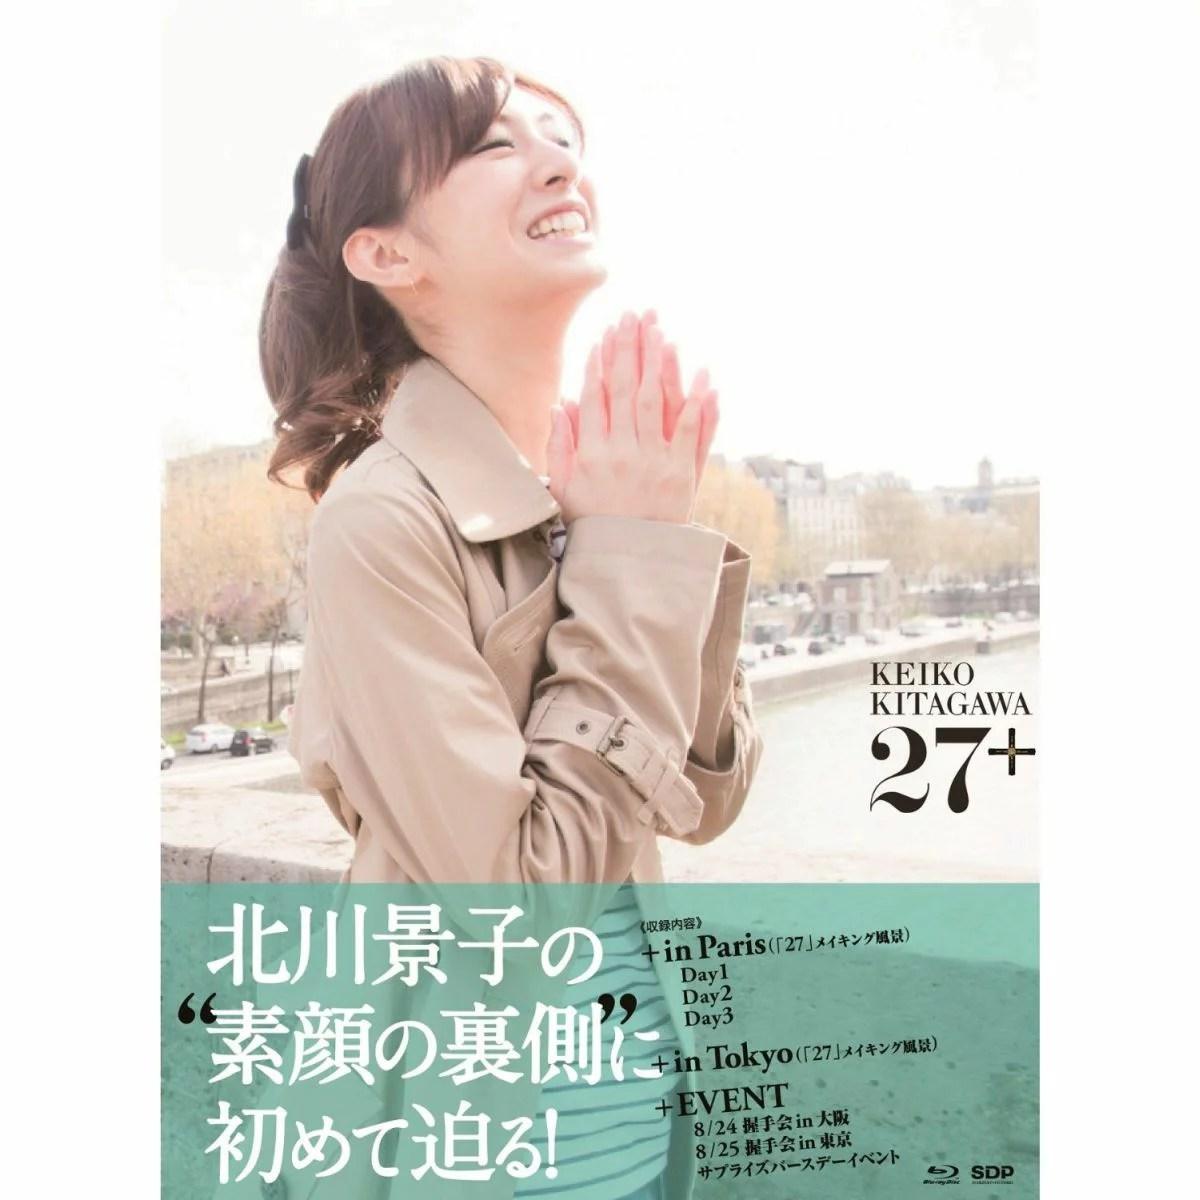 北川景子 Making Documentary 27+【Blu-ray】 [ 北川景子 ] - 楽天ブックス